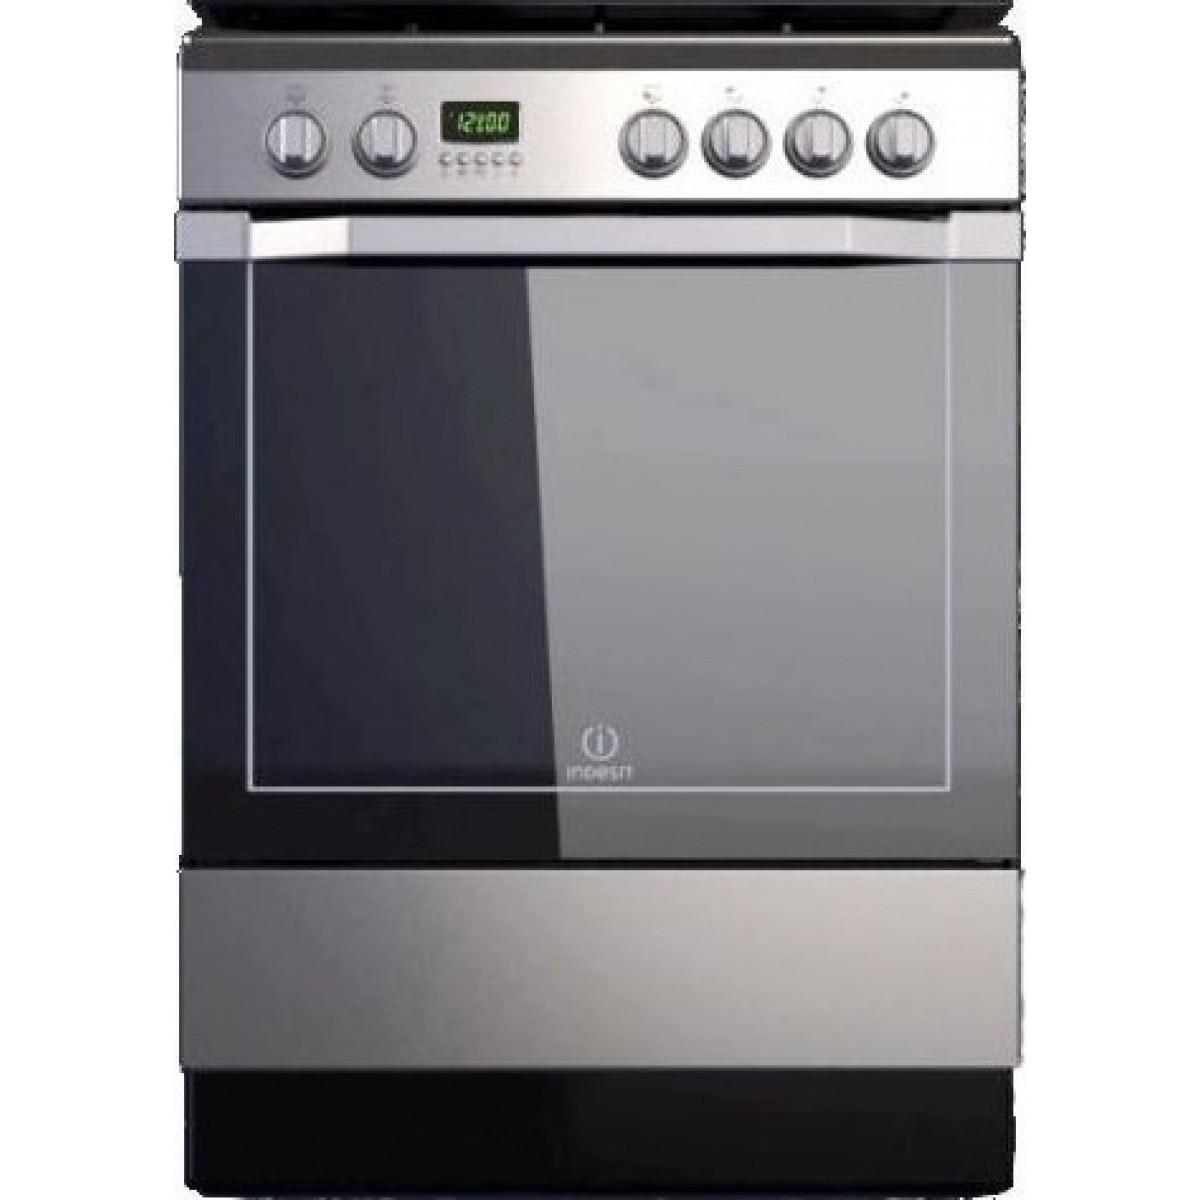 Κουζινες - Indesit I6VMC6A (X) GR POP Κουζίνες κεραμικές Ηλεκτρικες Συσκευες - homeelectrics.gr